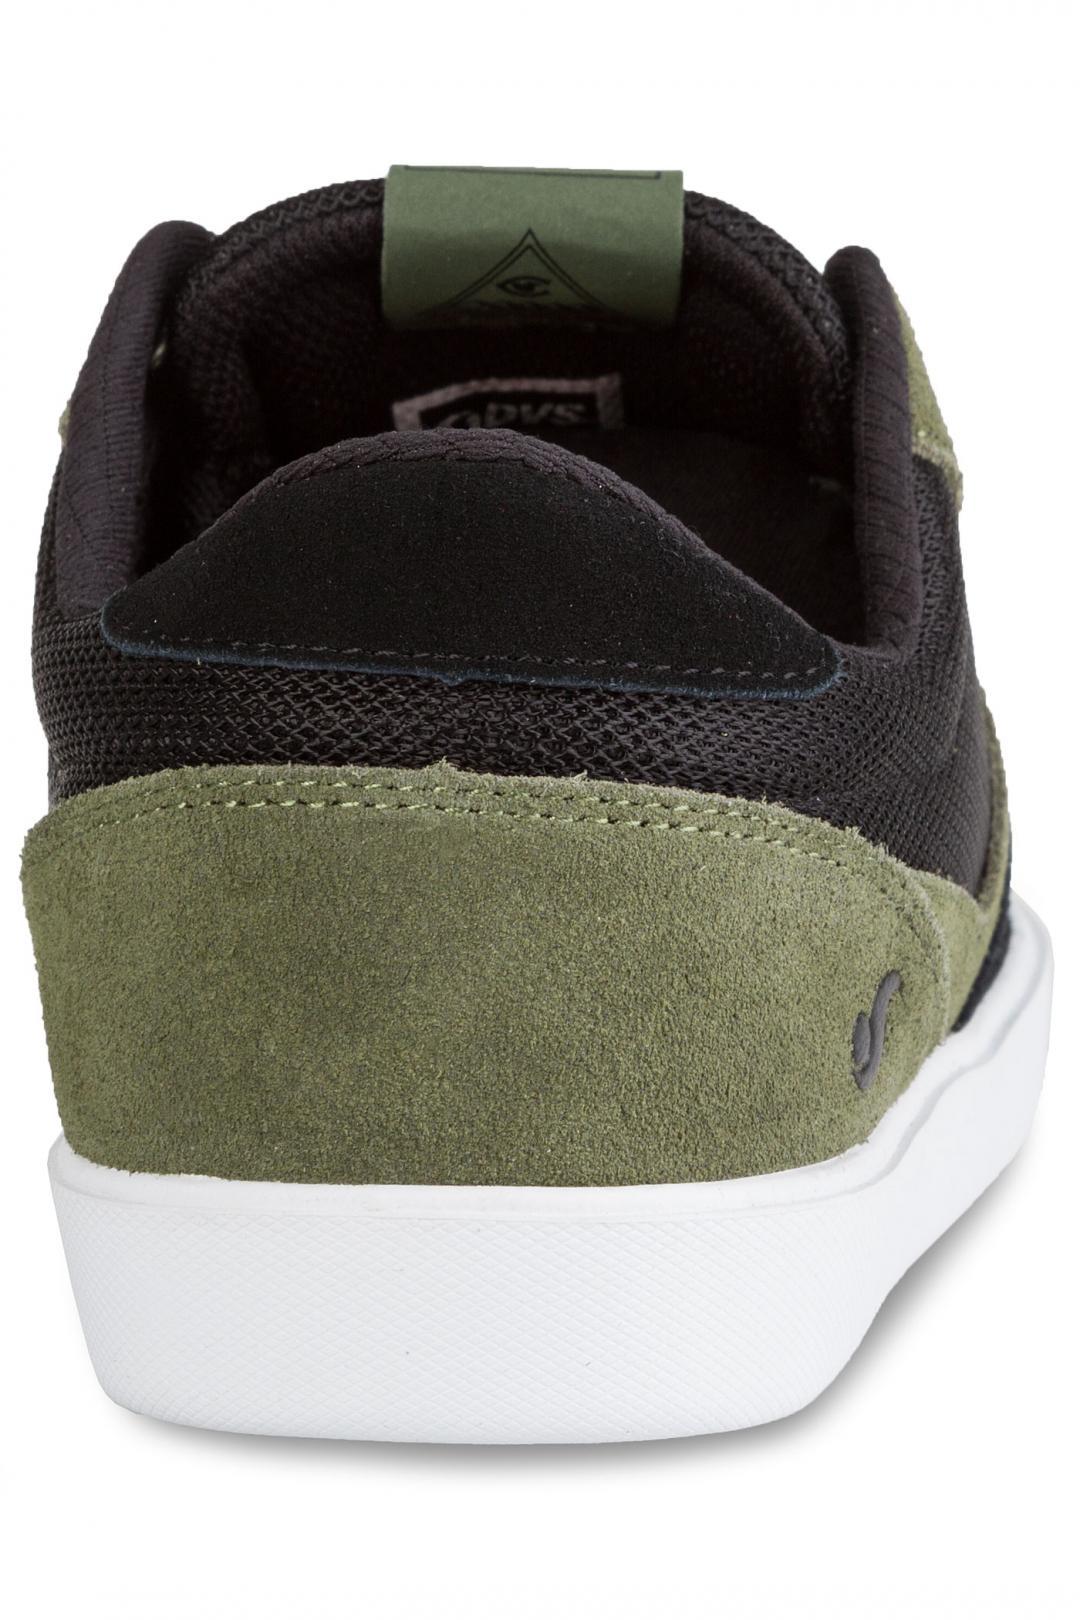 Uomo DVS Pressure SC Suede black olive chilipepper chico | Sneaker